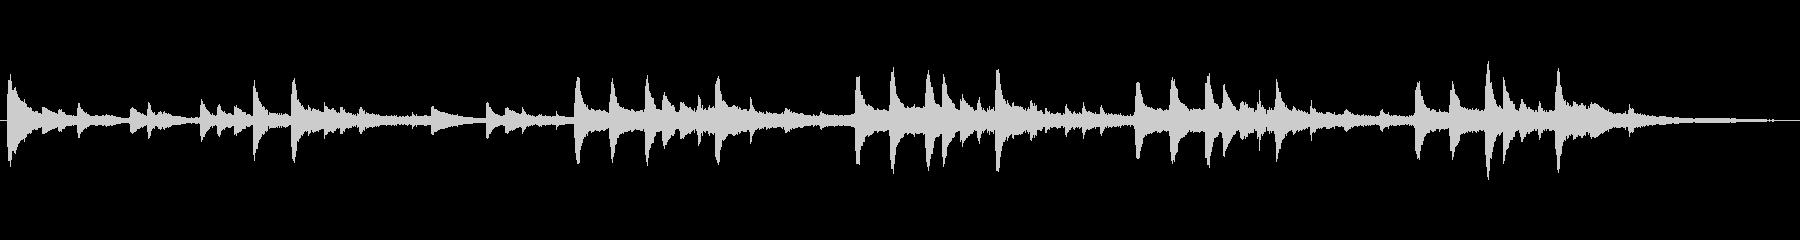 「ピアノと鉄琴の優しいバラード」の未再生の波形